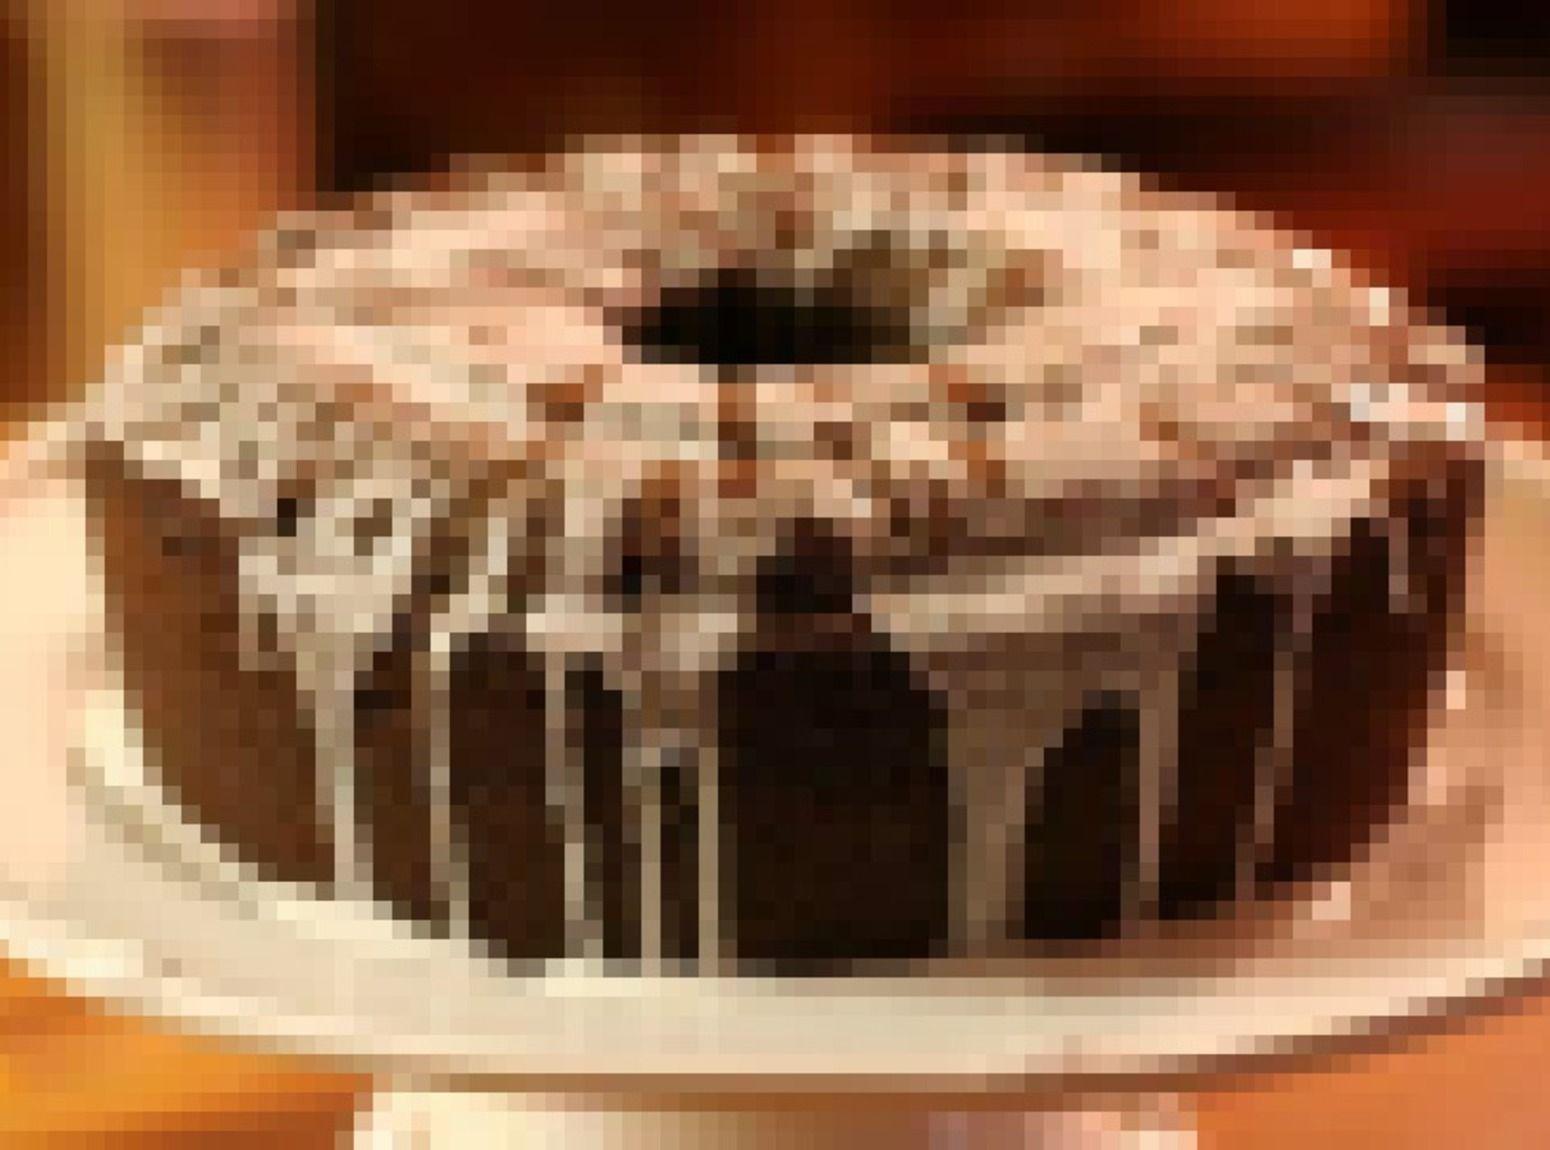 Quick Zucchini Cake Recipe Chocolate Zucchini Cake Chocolate Zucchini Cake Recipe Chocolate Dessert Recipes